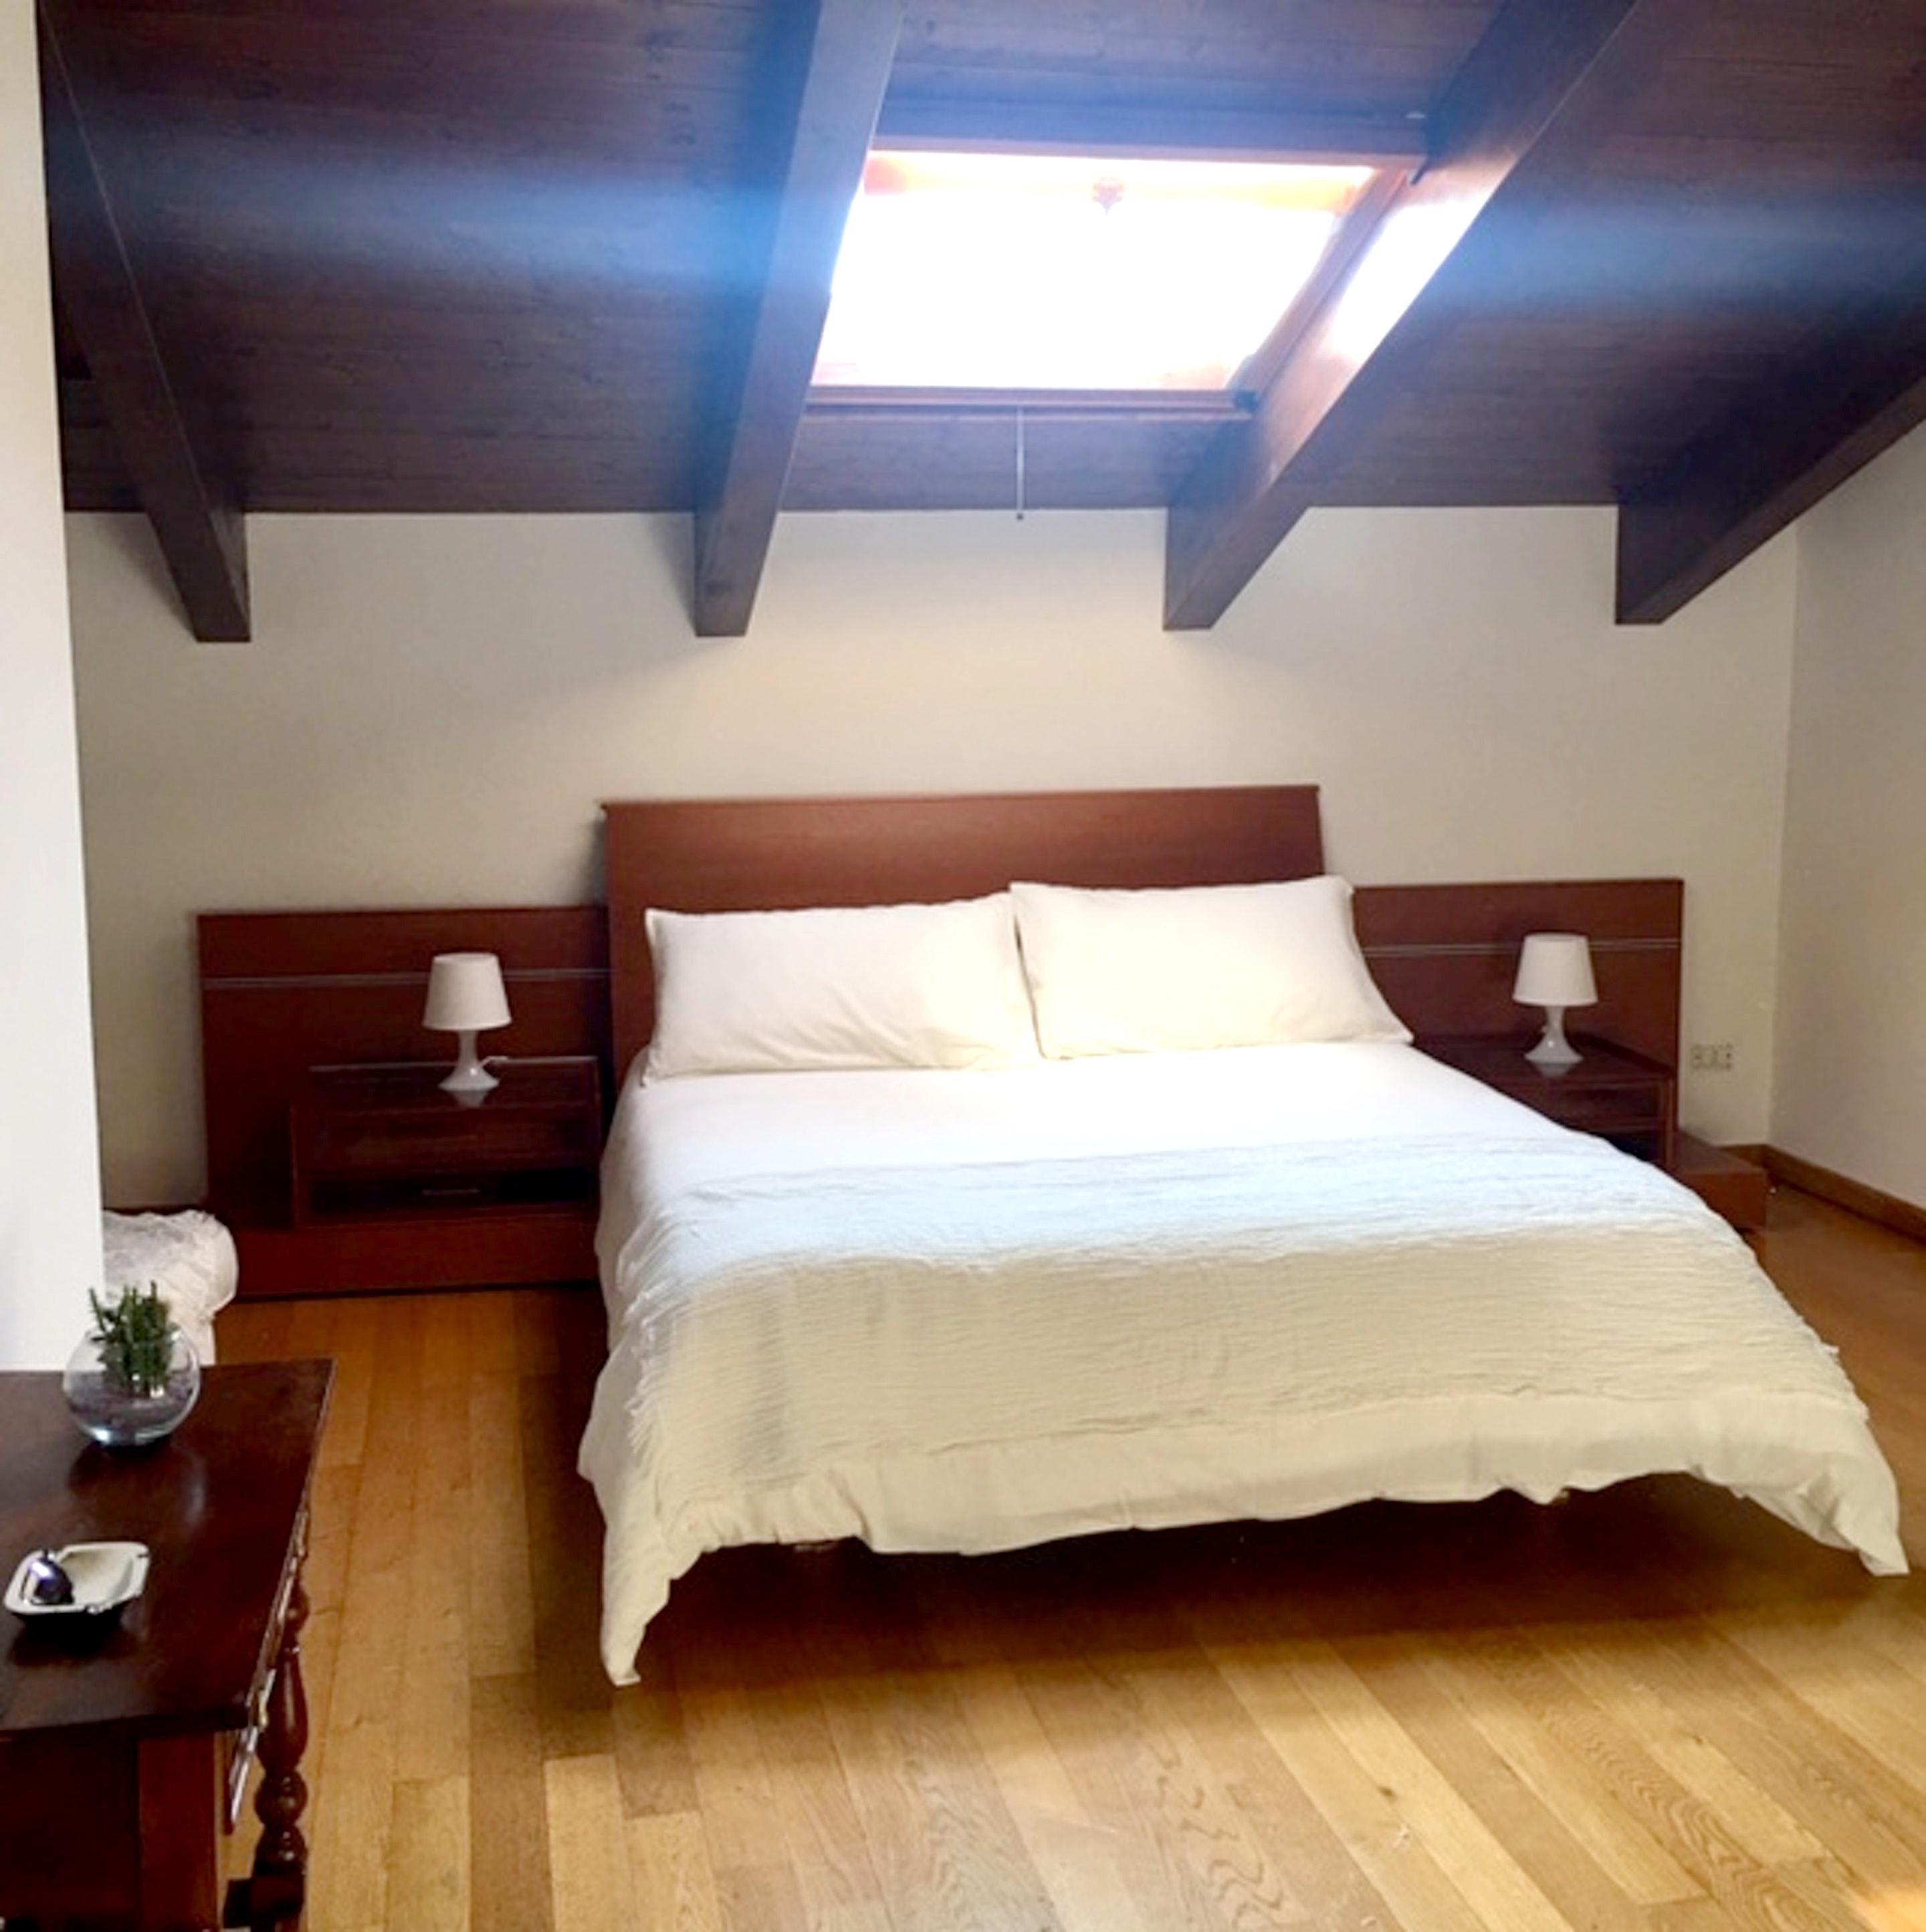 Ferienhaus Haus mit 2 Schlafzimmern in Salerno mit möblierter Terrasse und W-LAN (2644279), Salerno, Salerno, Kampanien, Italien, Bild 11